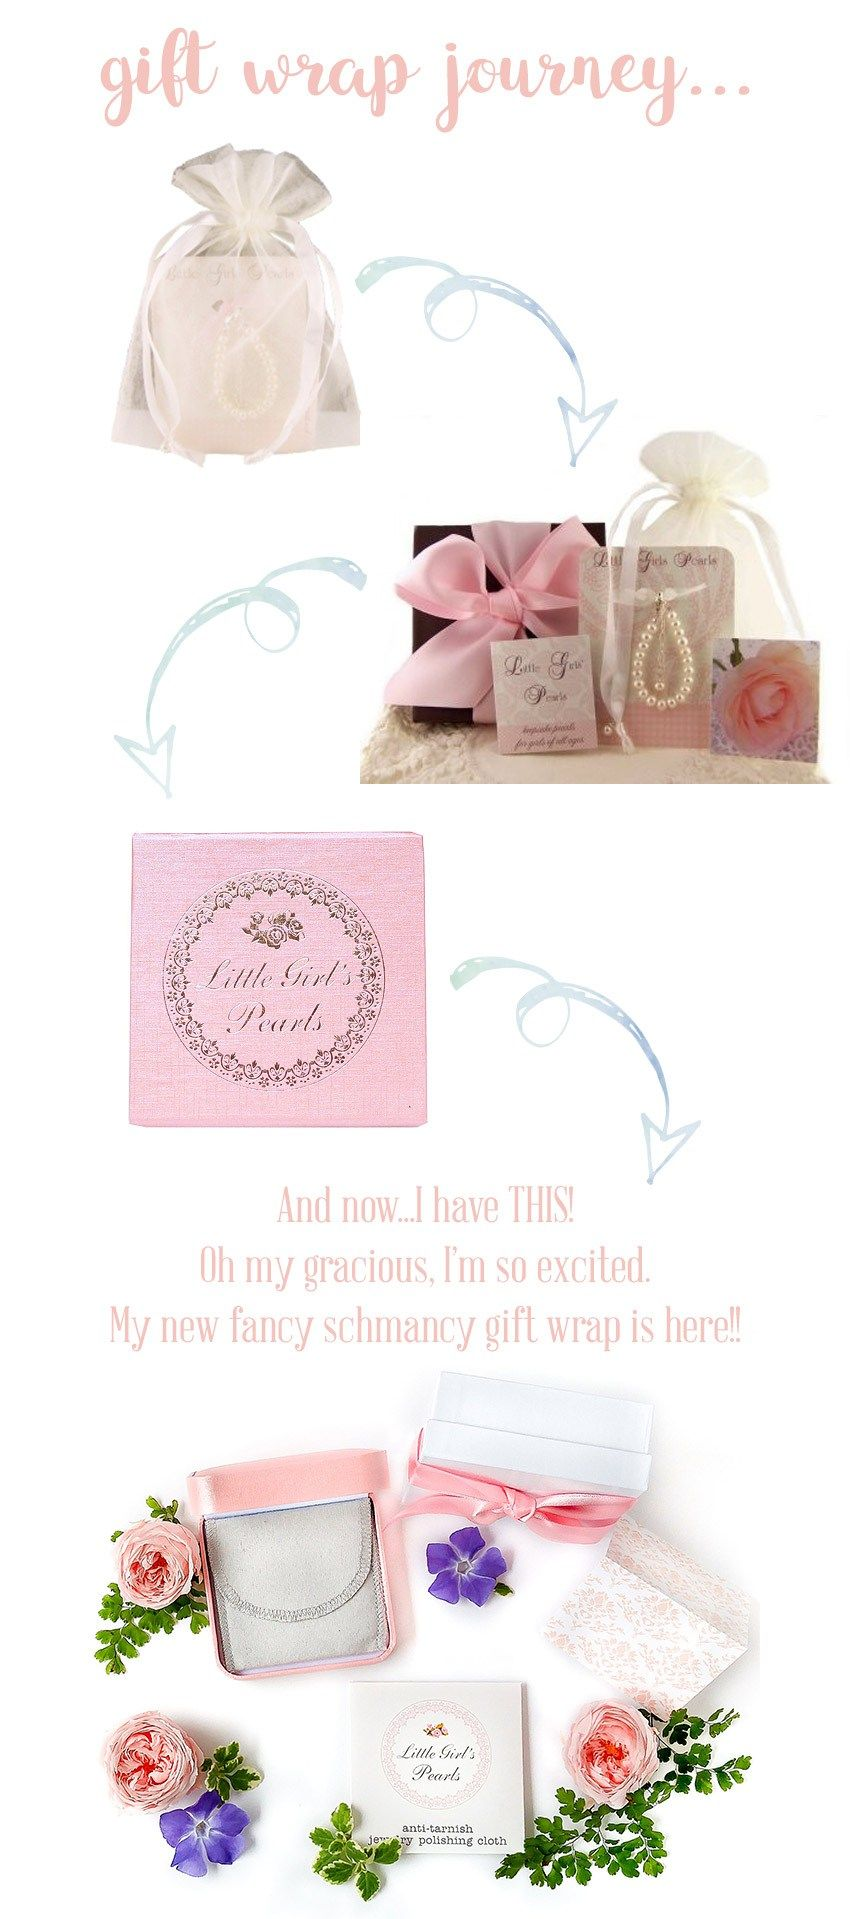 Anatomy of Fancy Schmancy Gift Wrap | Little Girls Pearls ...